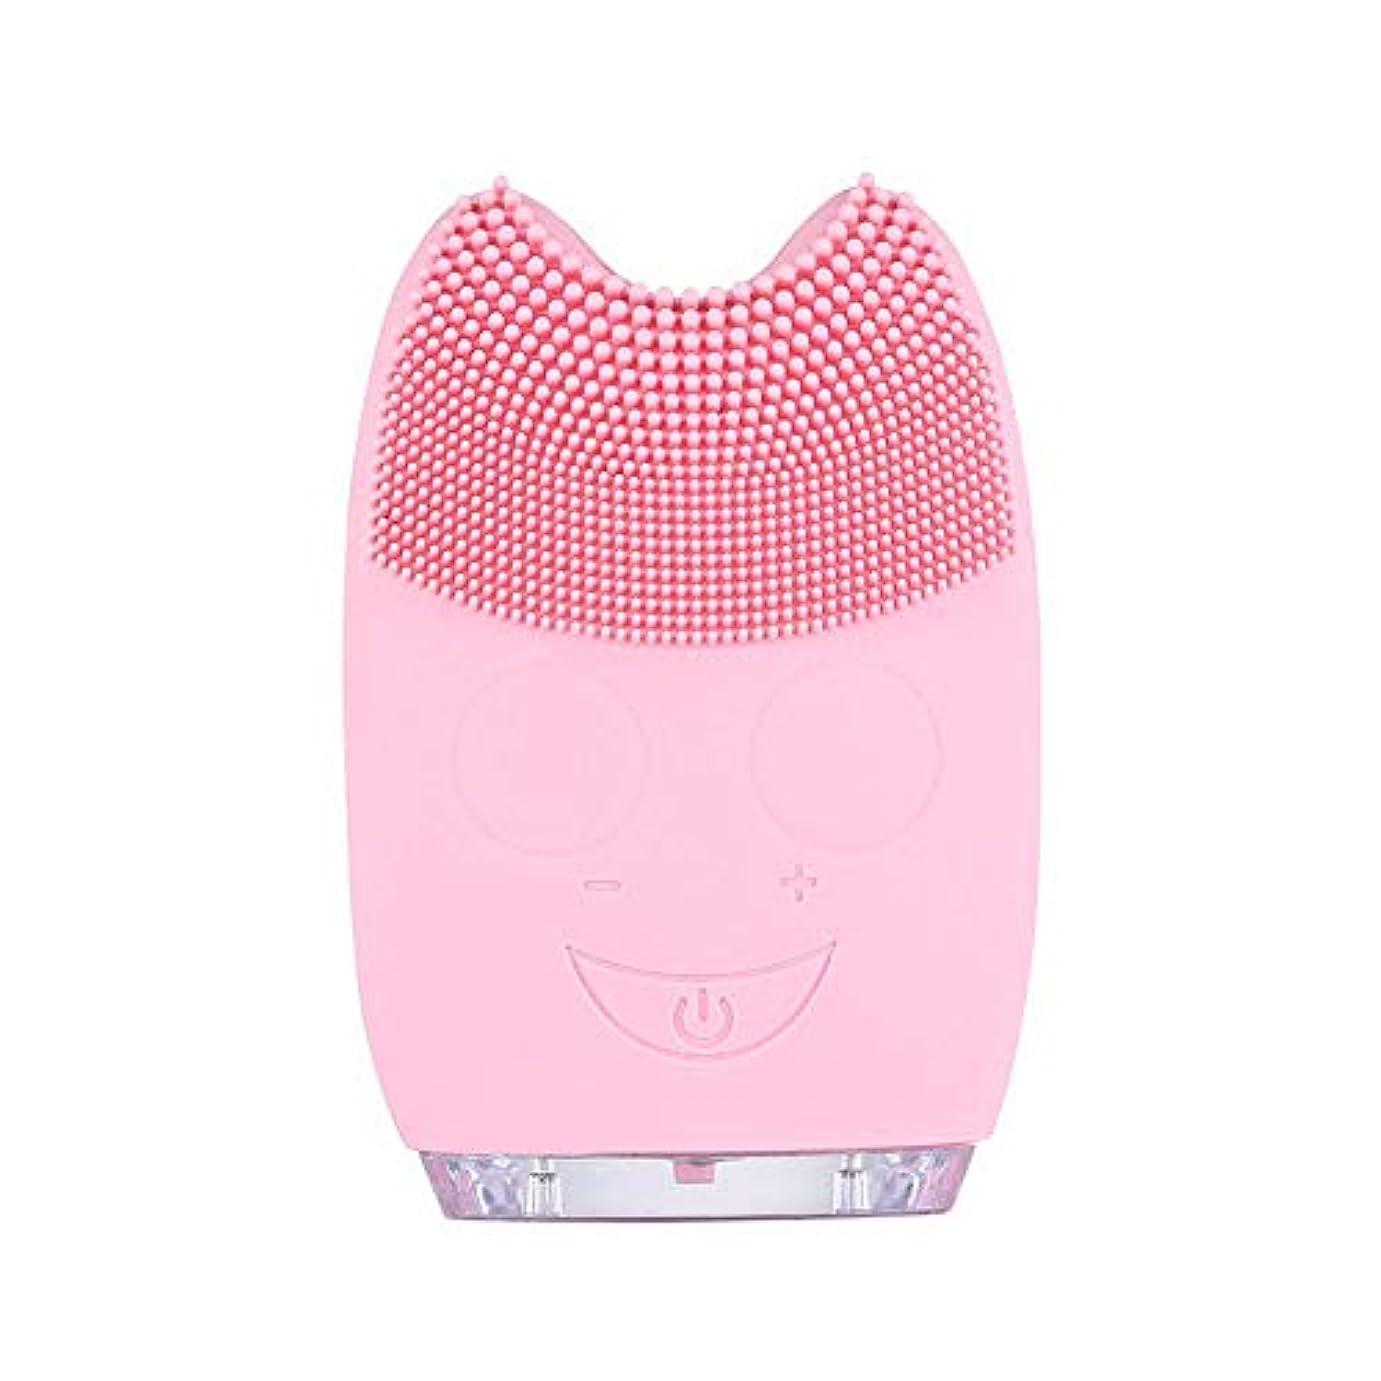 緊張する流産カート洗顔ブラシ ソニックフェイシャルクレンジングブラシマッサージャー充電式電気シリコーン剥離フェイススクラブブラシ ディープクレンジングスキンケア用 (色 : ピンク, サイズ : 9.8*6.4*3cm)